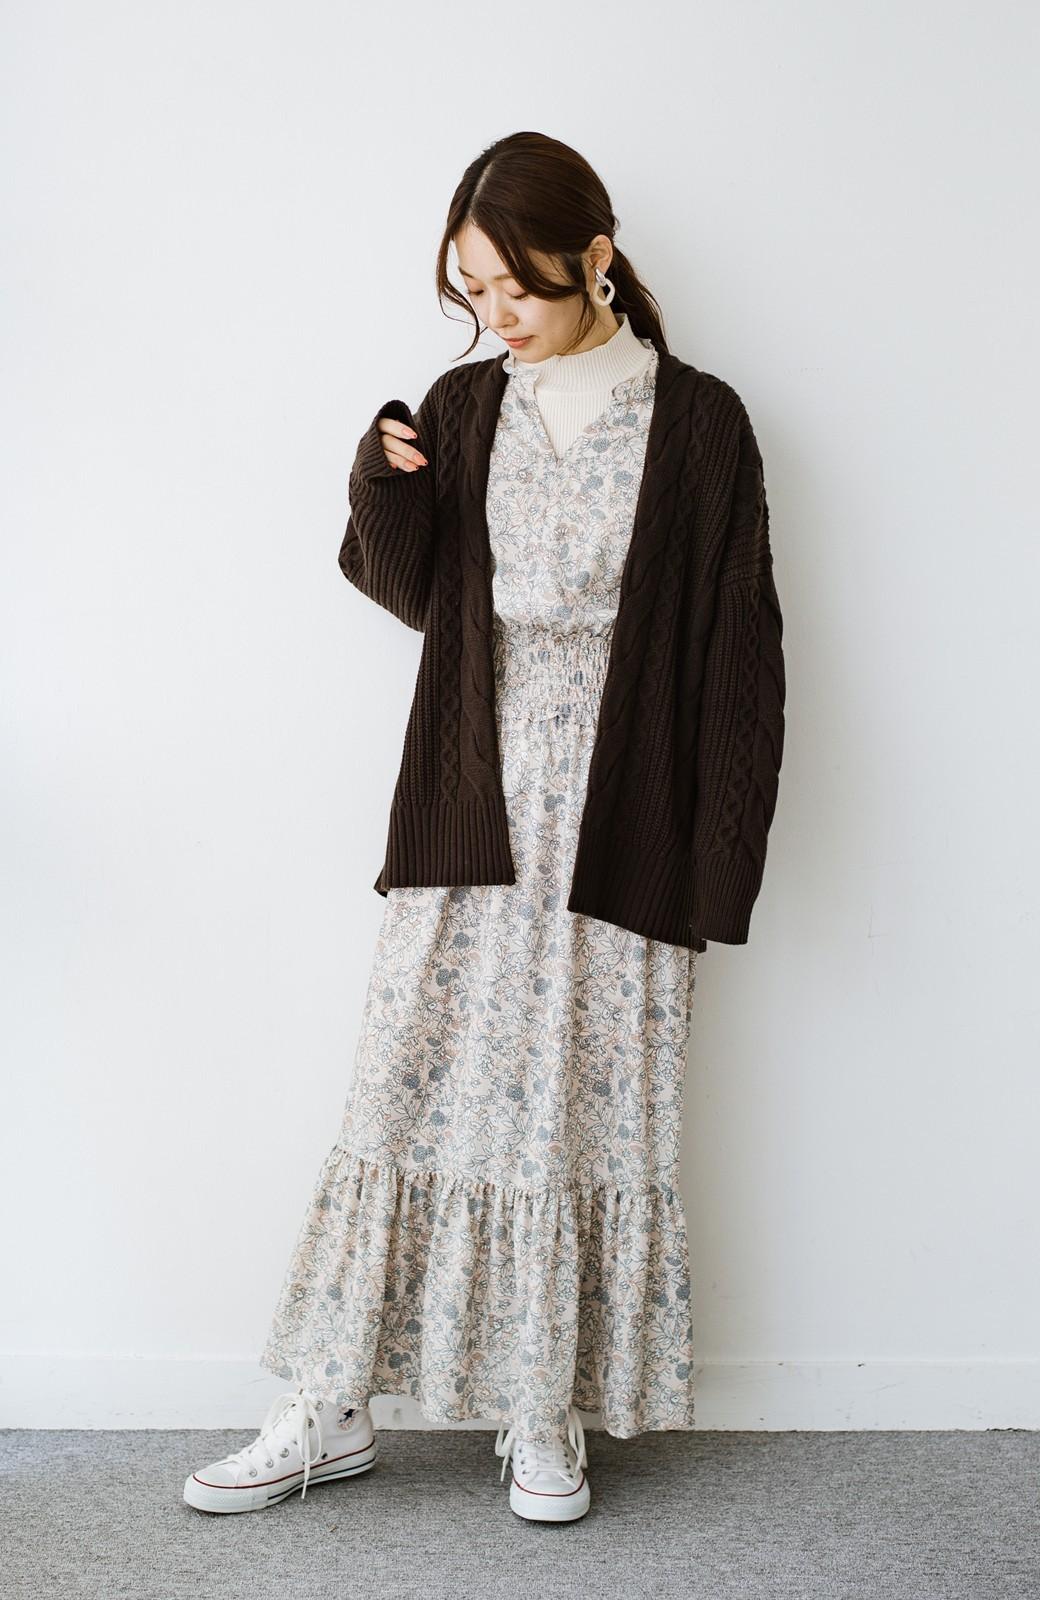 haco! 【スザンヌさんコラボ】大人の華やかさを詰め込んだ ウエストシャーリングのスタイルアップワンピース by LOVE&PEACE PROJECT <ベージュ>の商品写真2